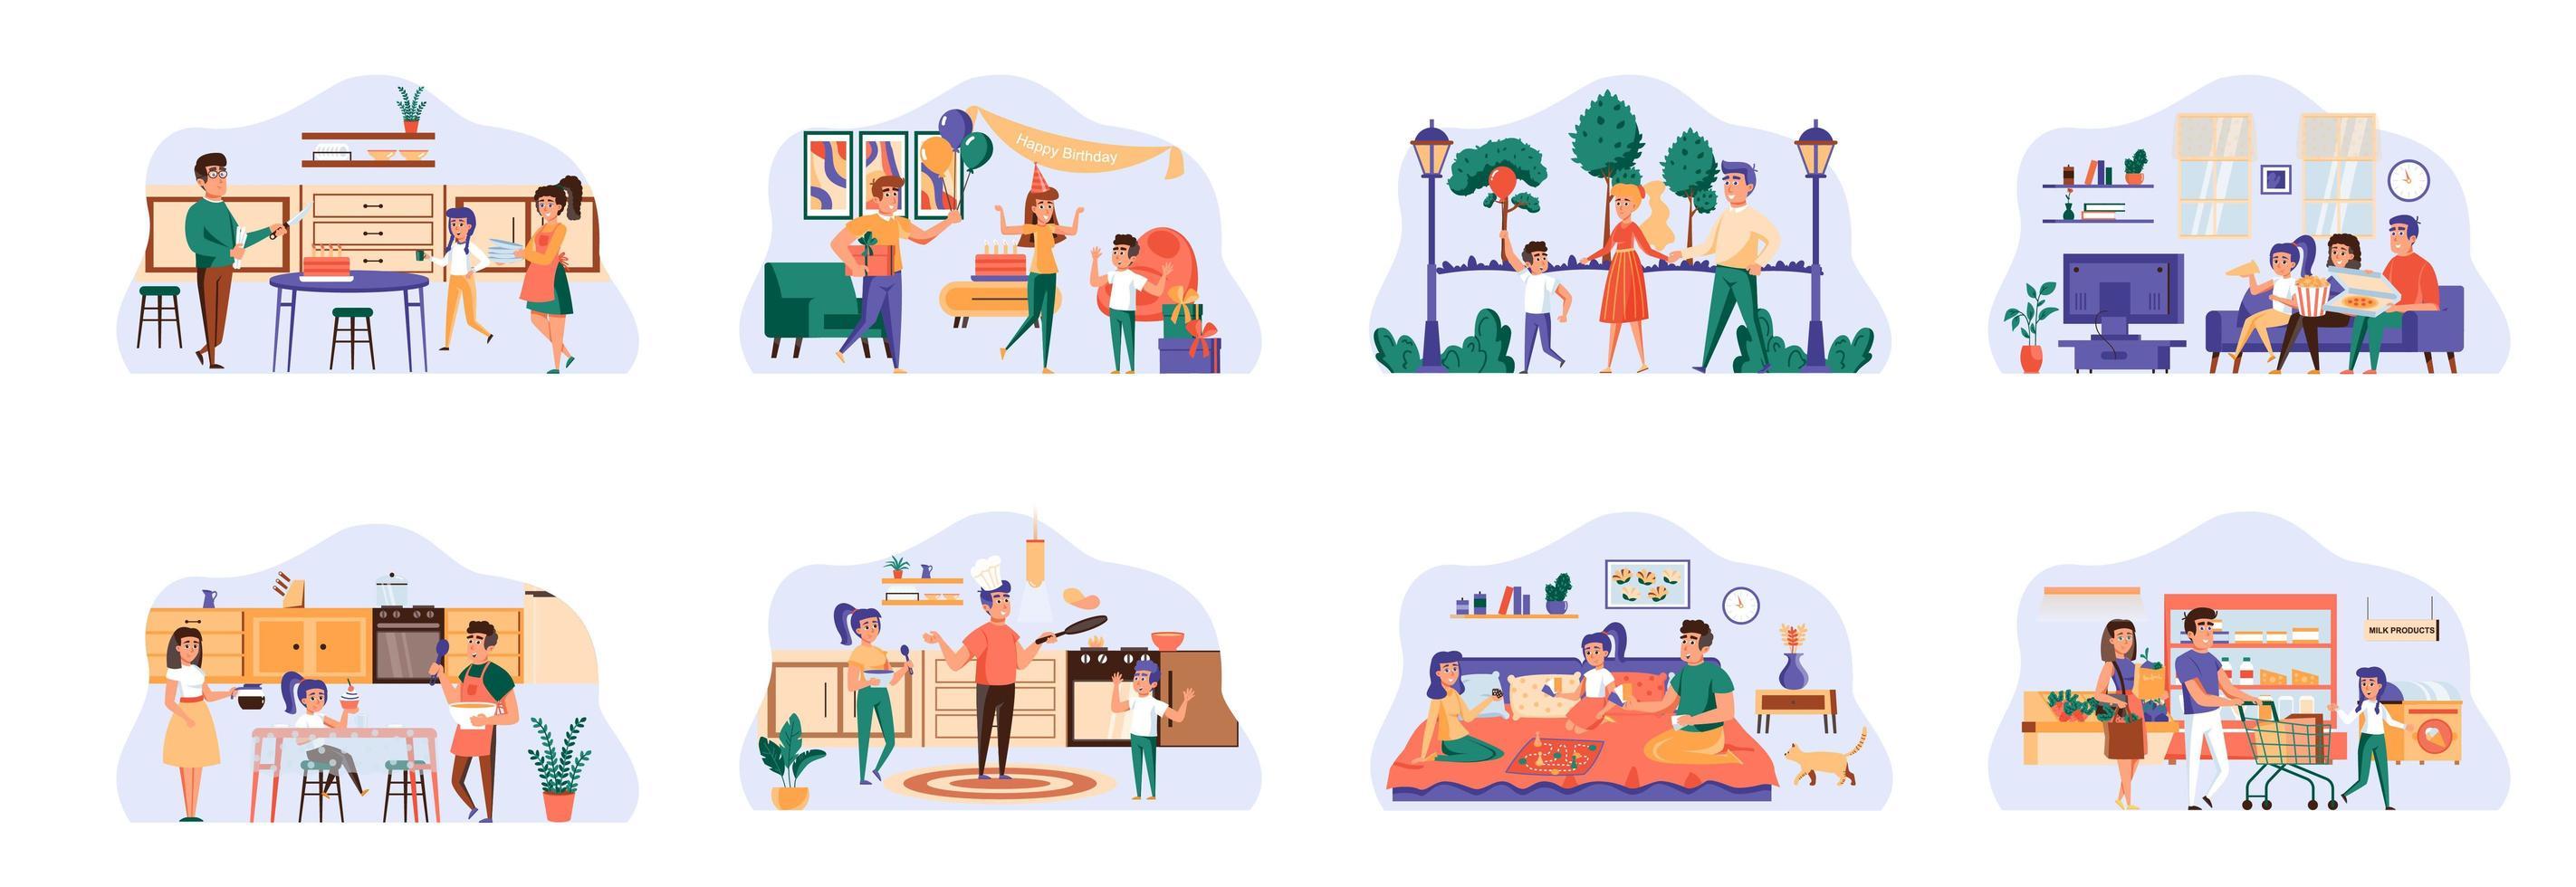 Familienbündel von Szenen mit flachen Personencharakteren. vektor